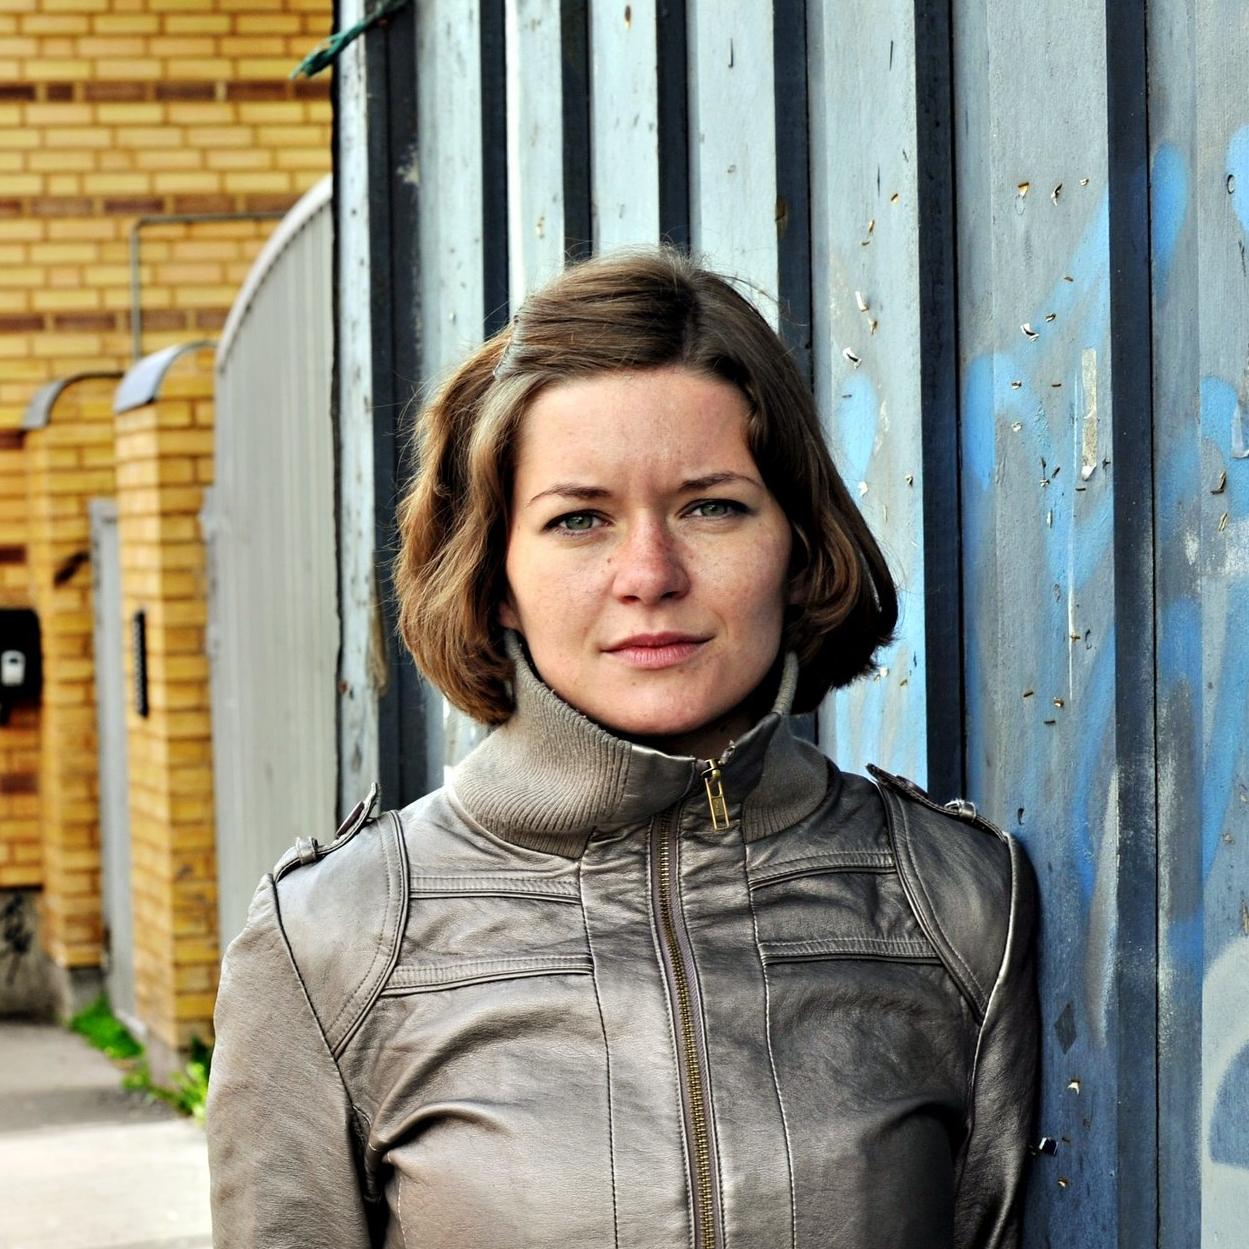 Tone Huse, samfunnsgeograf og forfatteren av boken «Tøyengata». Deltar i debatt.